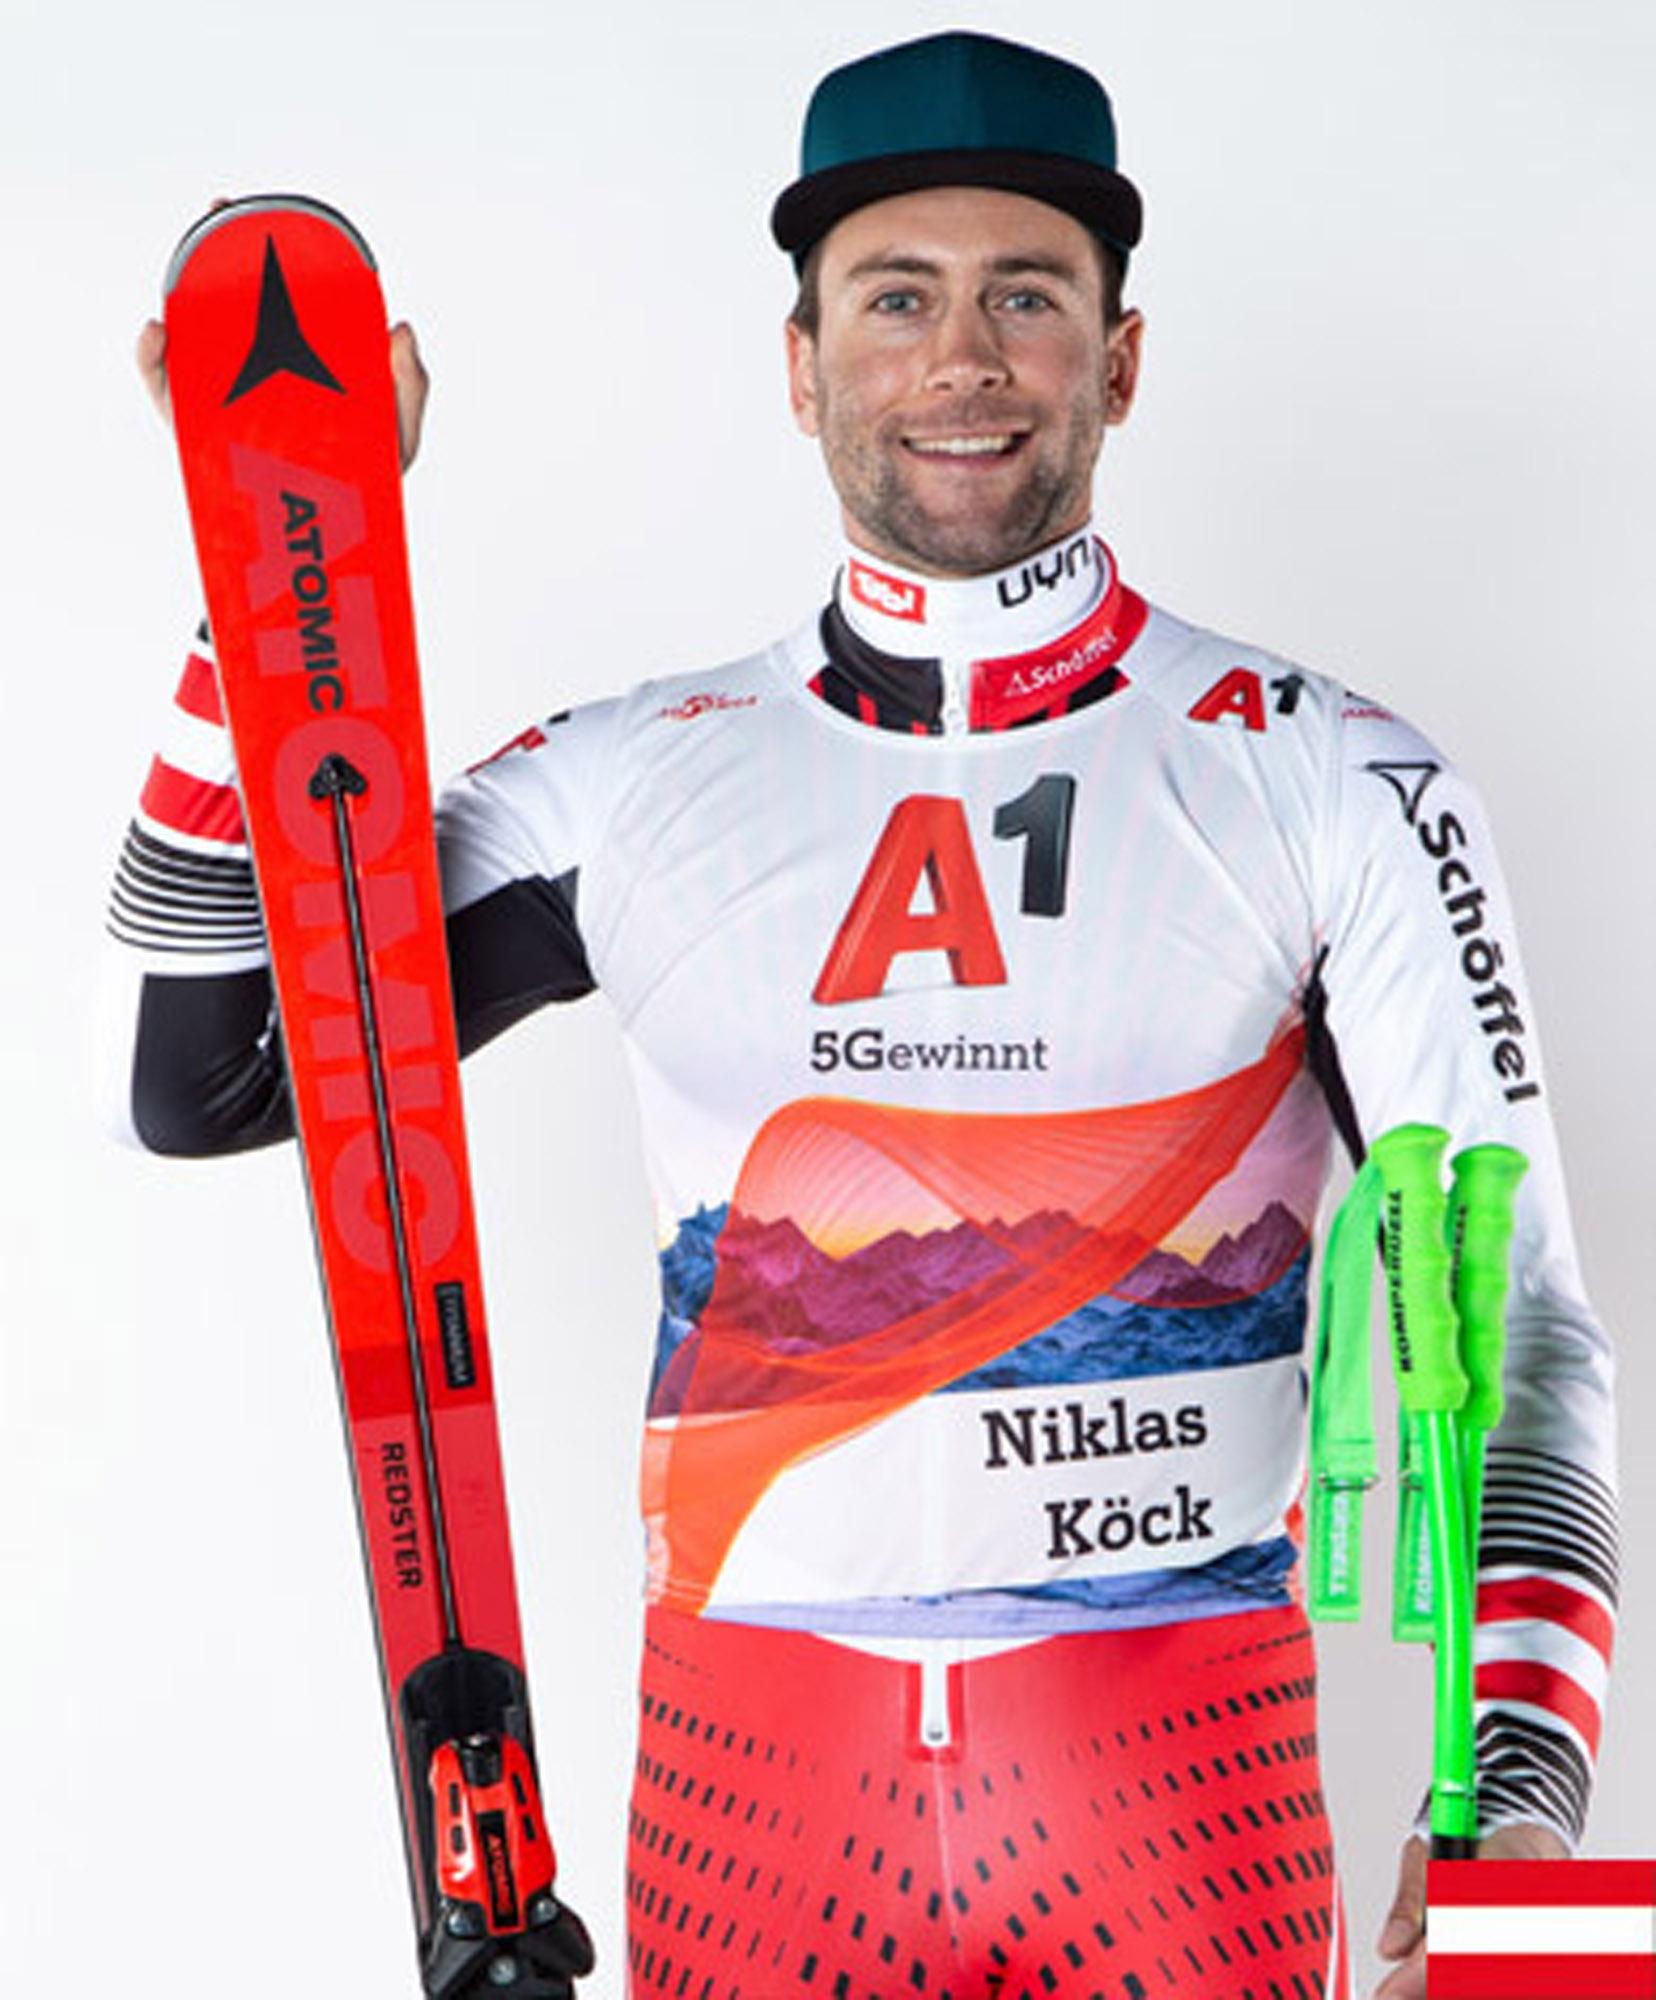 Niklas Köck